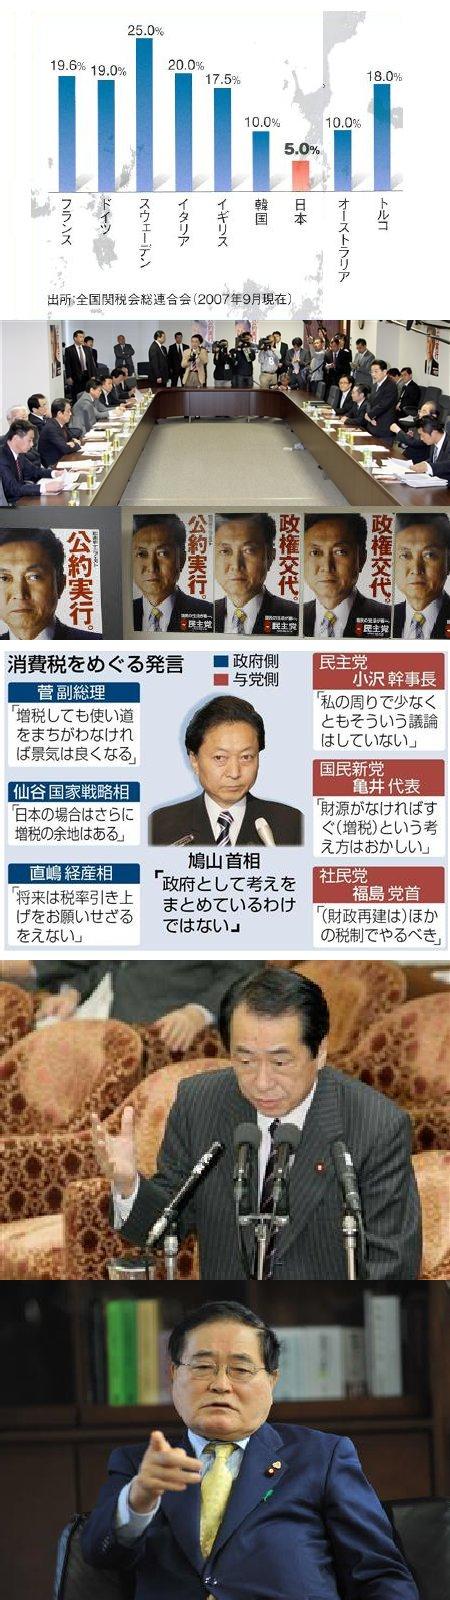 榊原英資_z